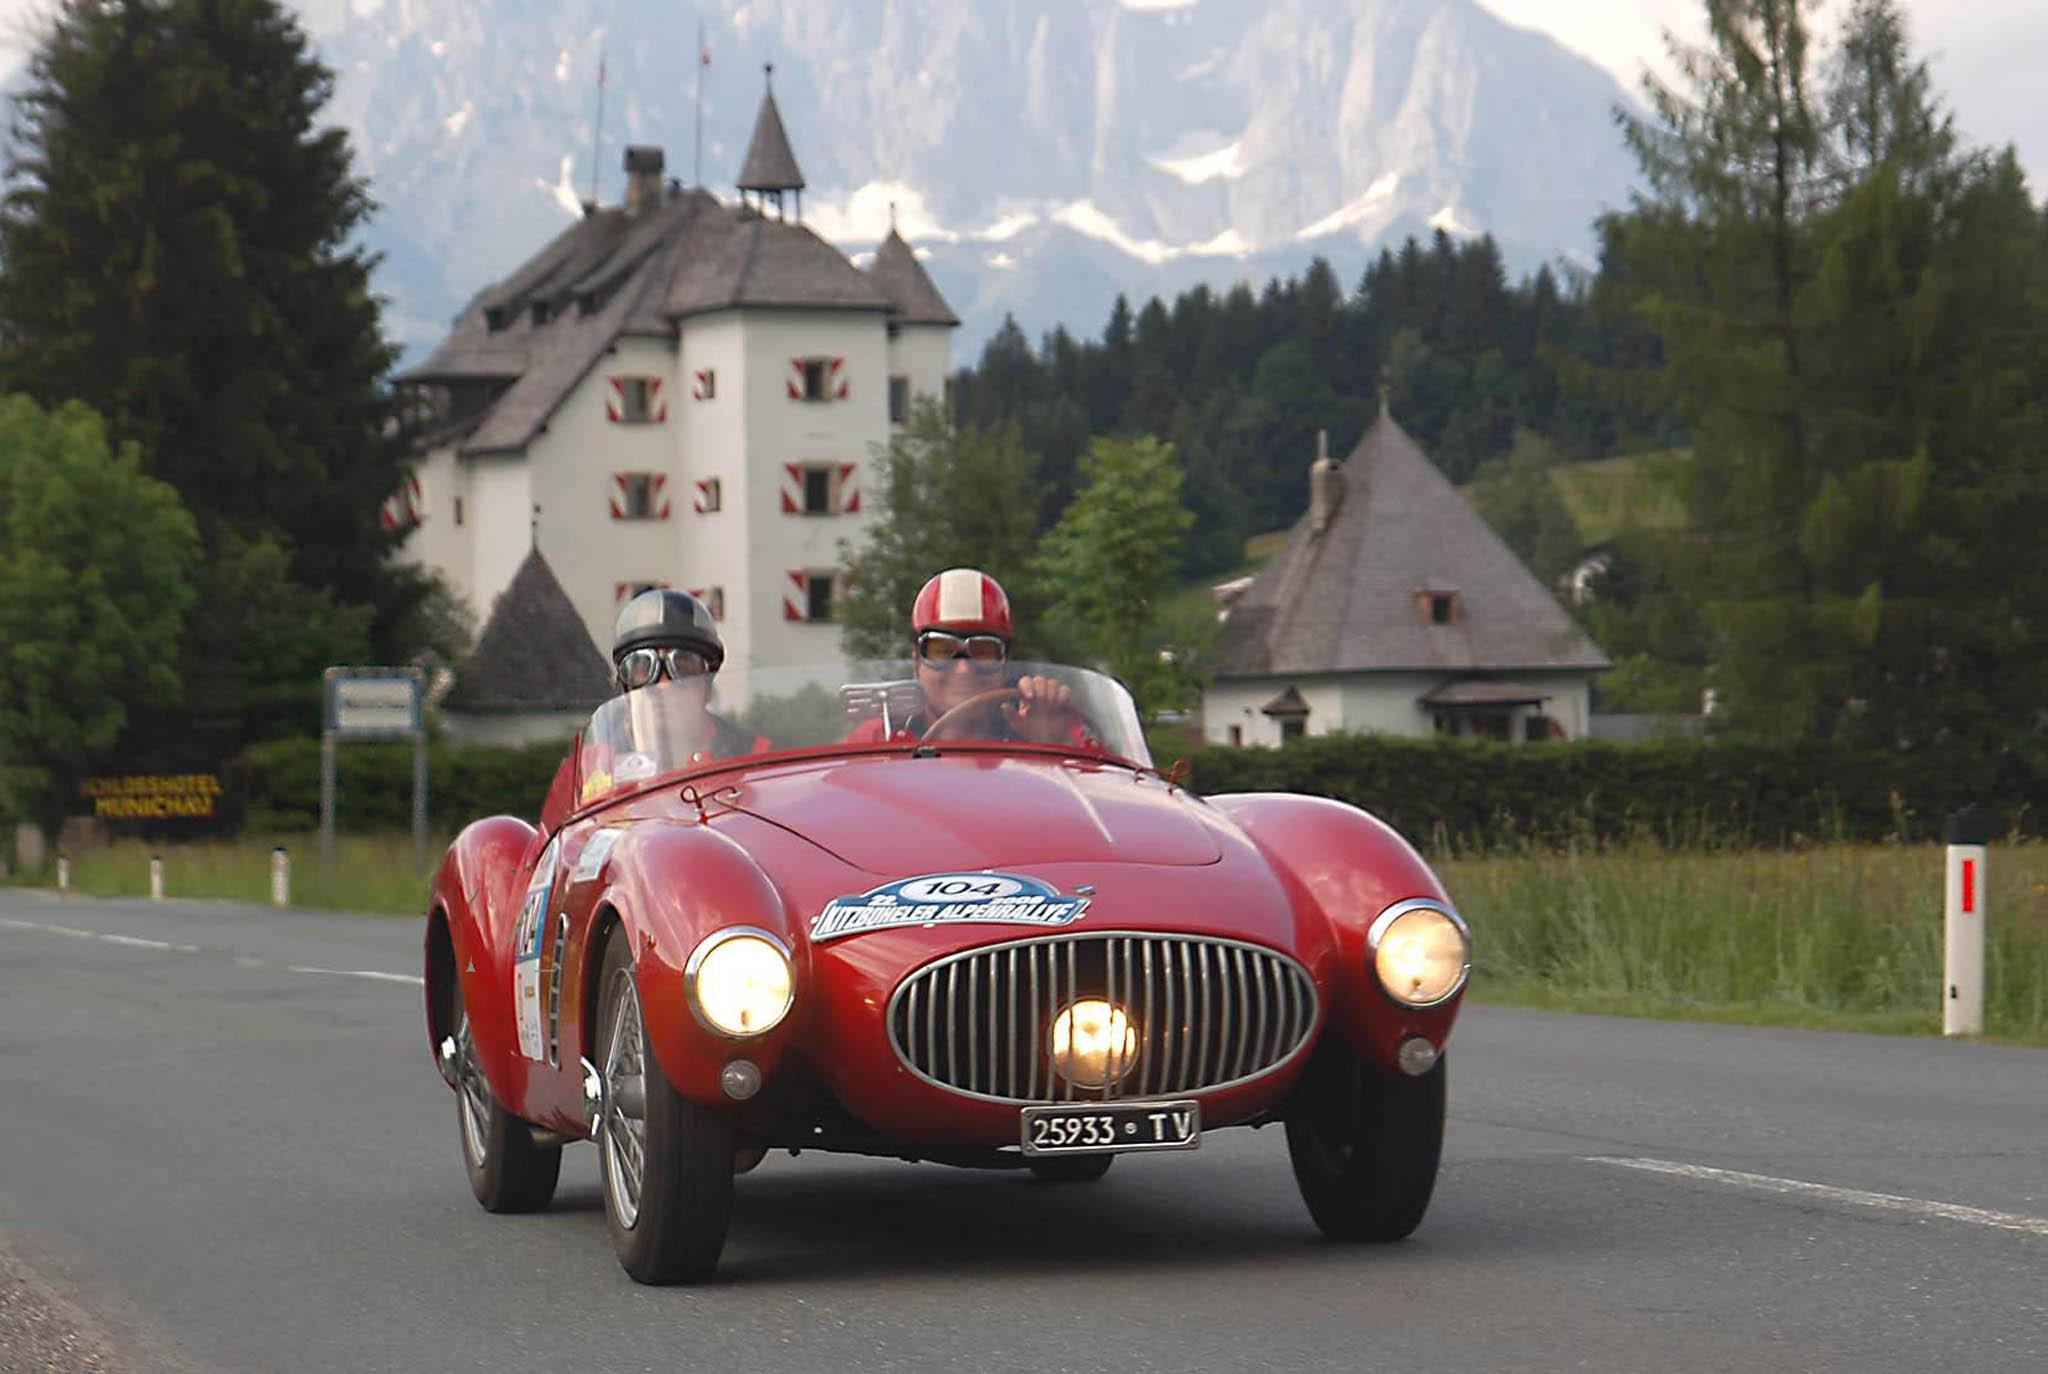 Die schönsten Autoklassiker vergangener Zeiten auf den schönsten Bergstraßen der Alpen. Das ist seit 25 Jahren die Kitzbüheler Alpenrallye.